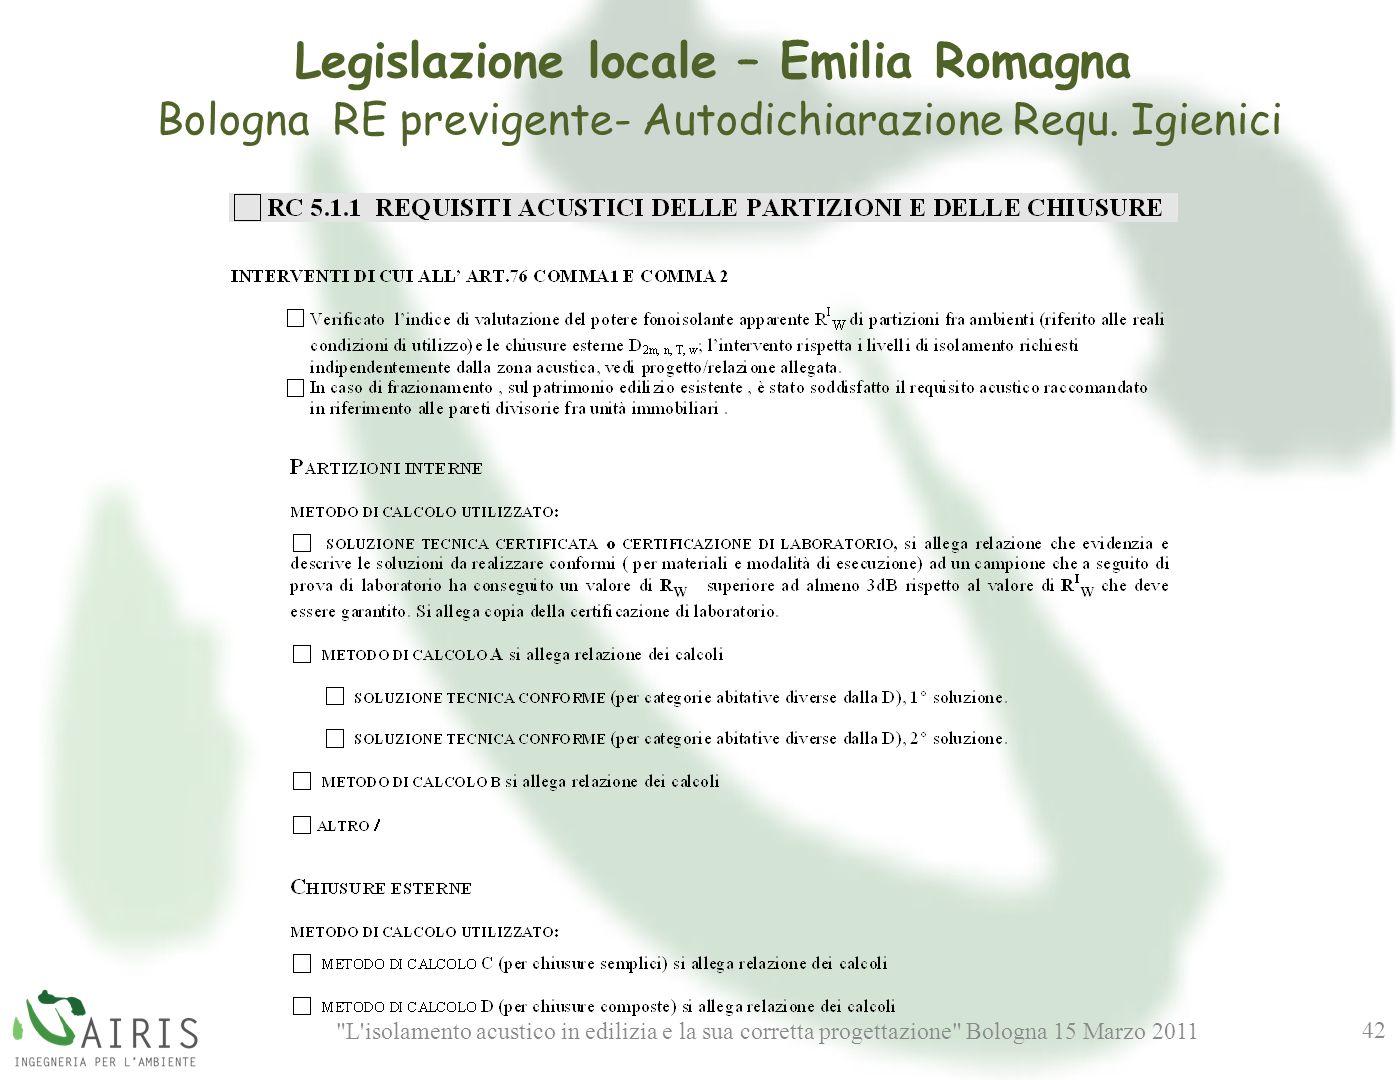 L isolamento acustico in edilizia e la sua corretta progettazione Bologna 15 Marzo 2011 42 Legislazione locale – Emilia Romagna Bologna RE previgente- Autodichiarazione Requ.